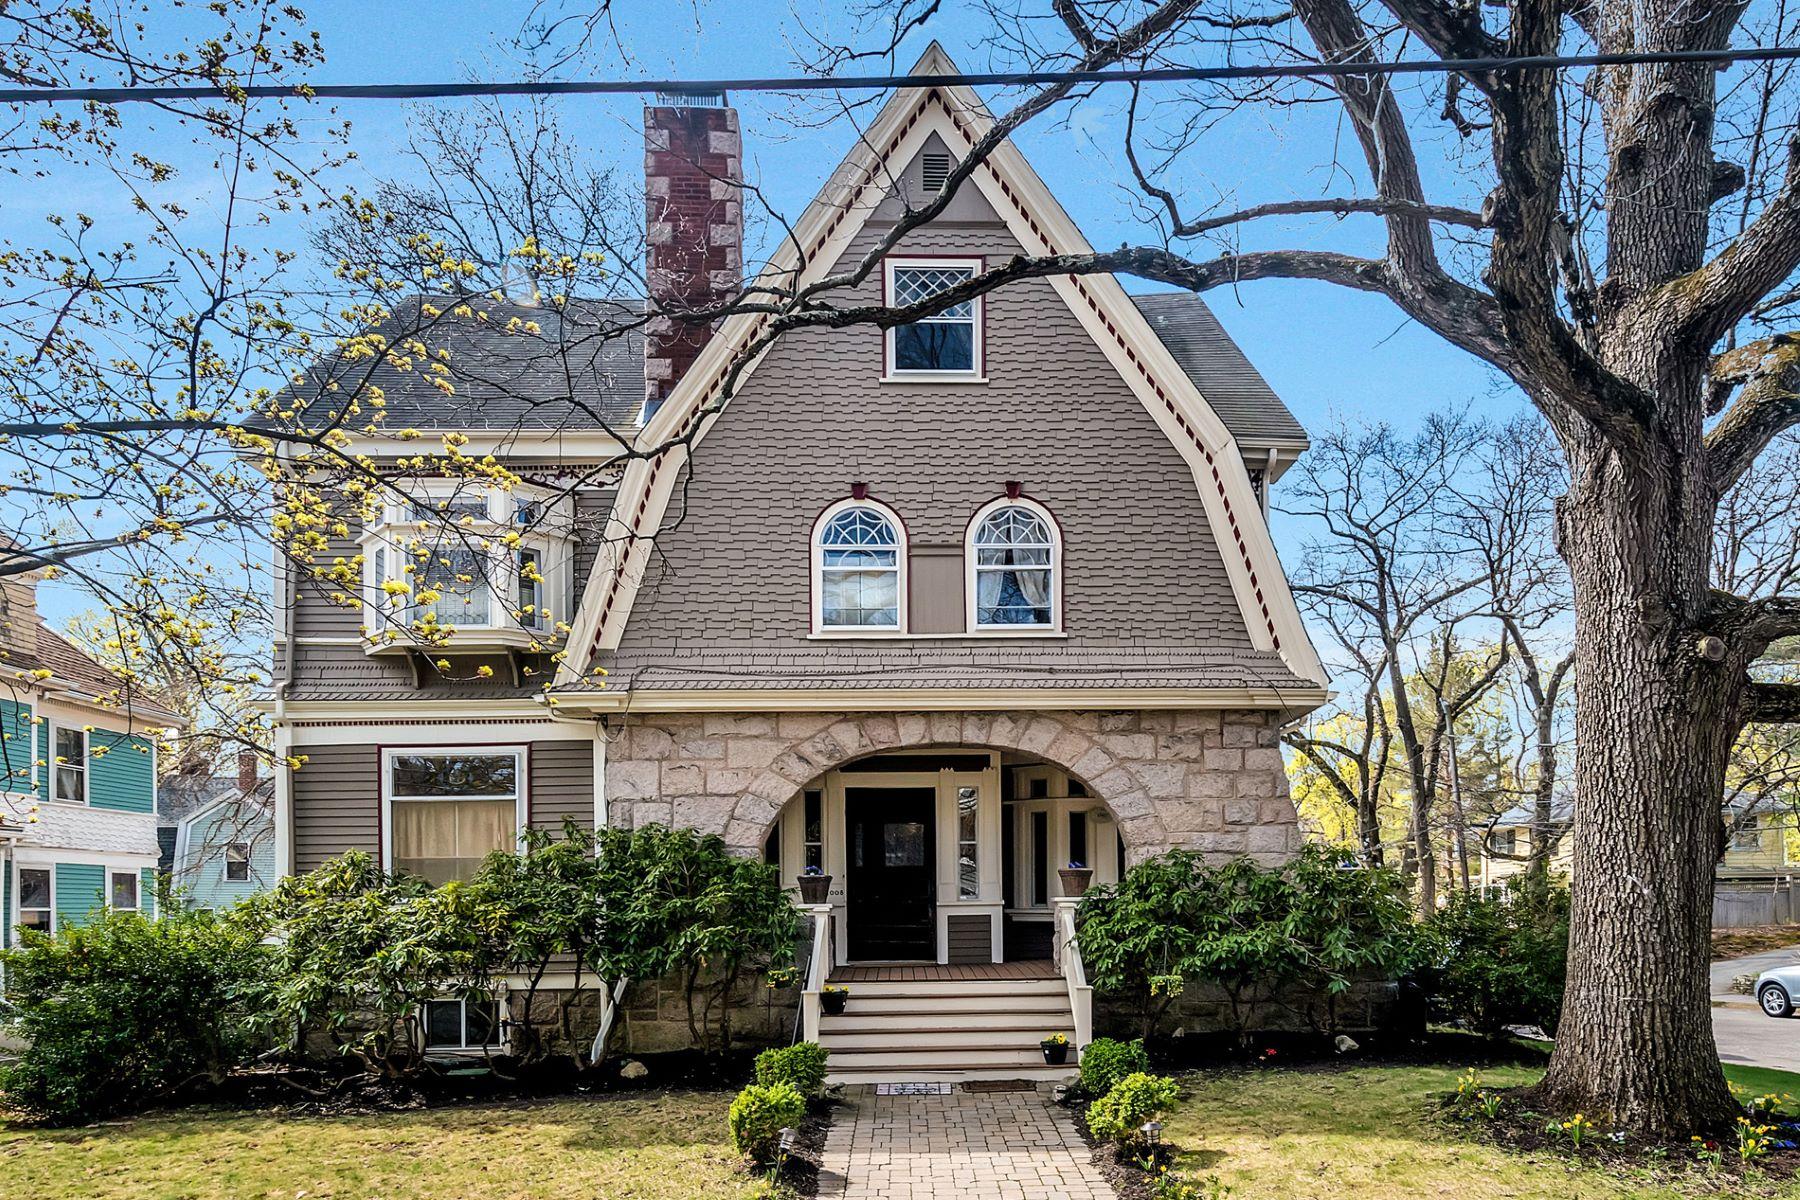 Tek Ailelik Ev için Satış at 1008 Beacon Street, Newton Newton, Massachusetts, 02459 Amerika Birleşik Devletleri